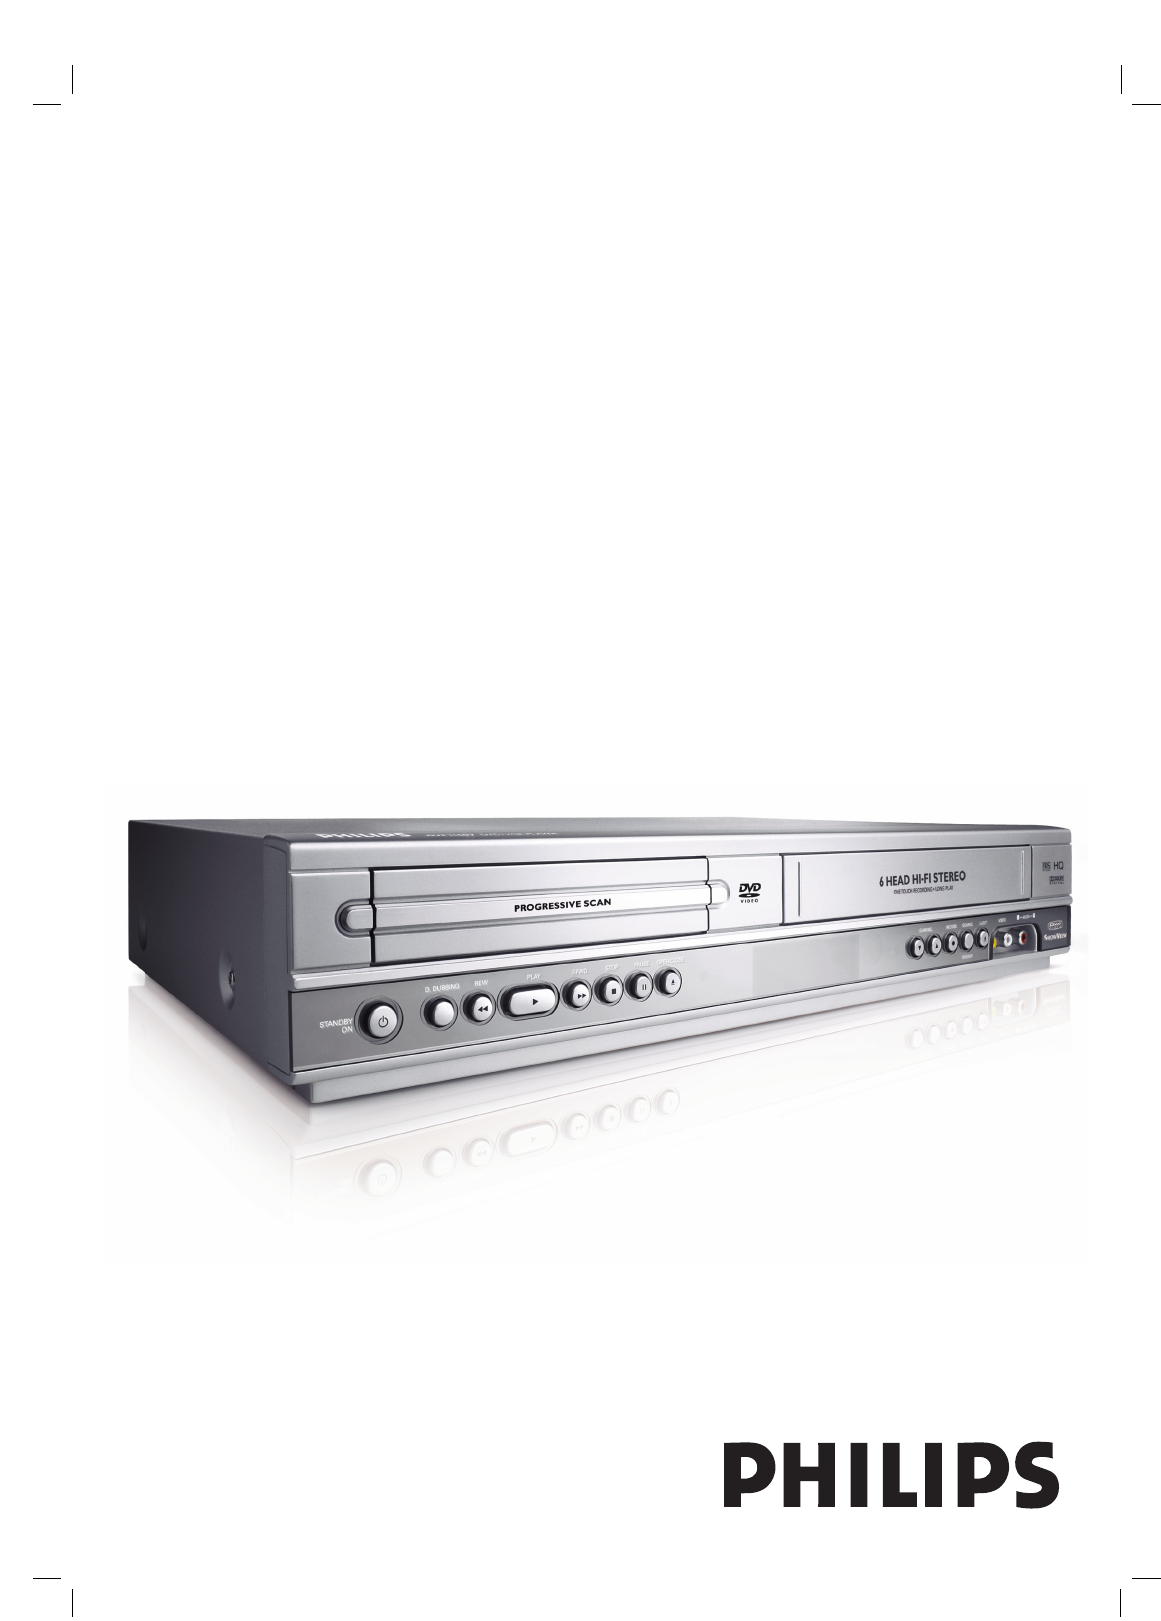 Philips Dvd Vcr Combo Dvp3100v  19 User Guide